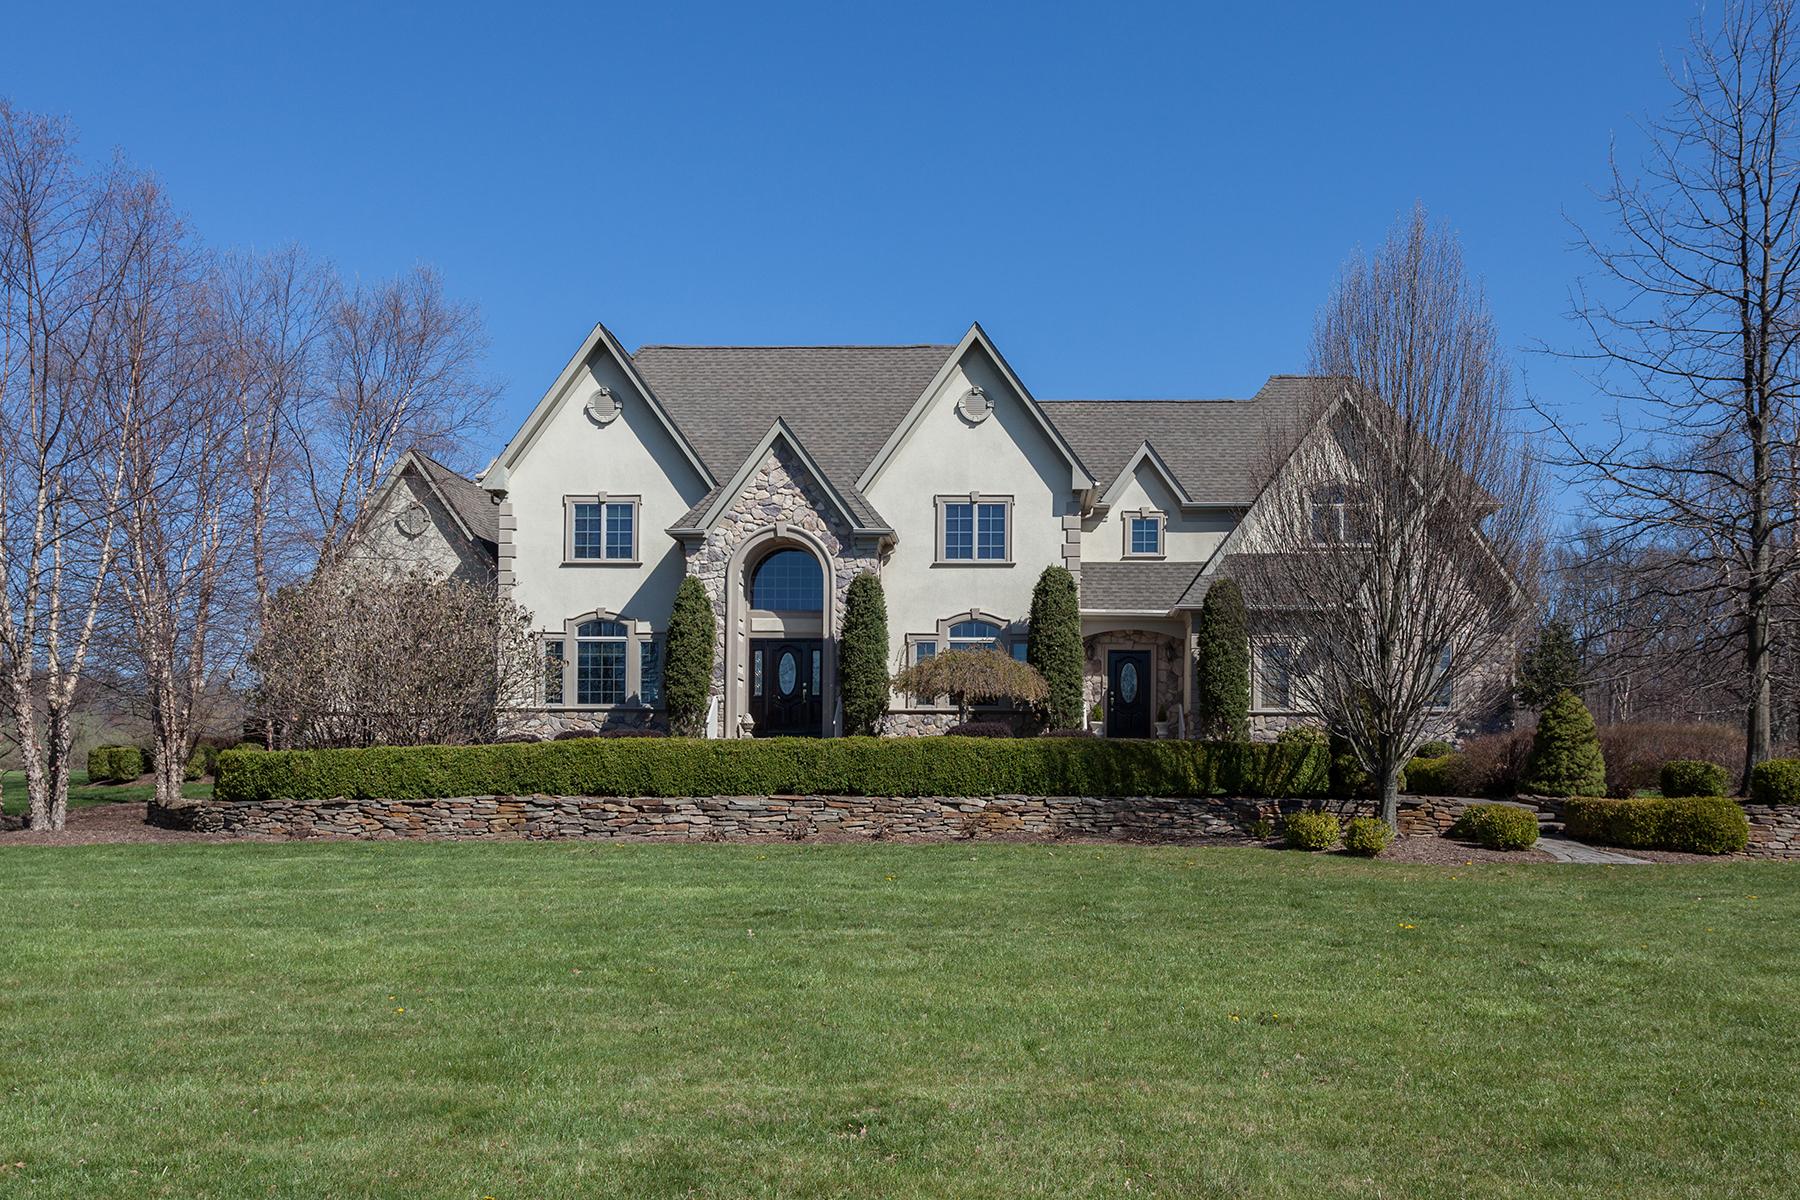 独户住宅 为 销售 在 1 Kristina Way 夫雷明顿, 新泽西州, 08822 美国